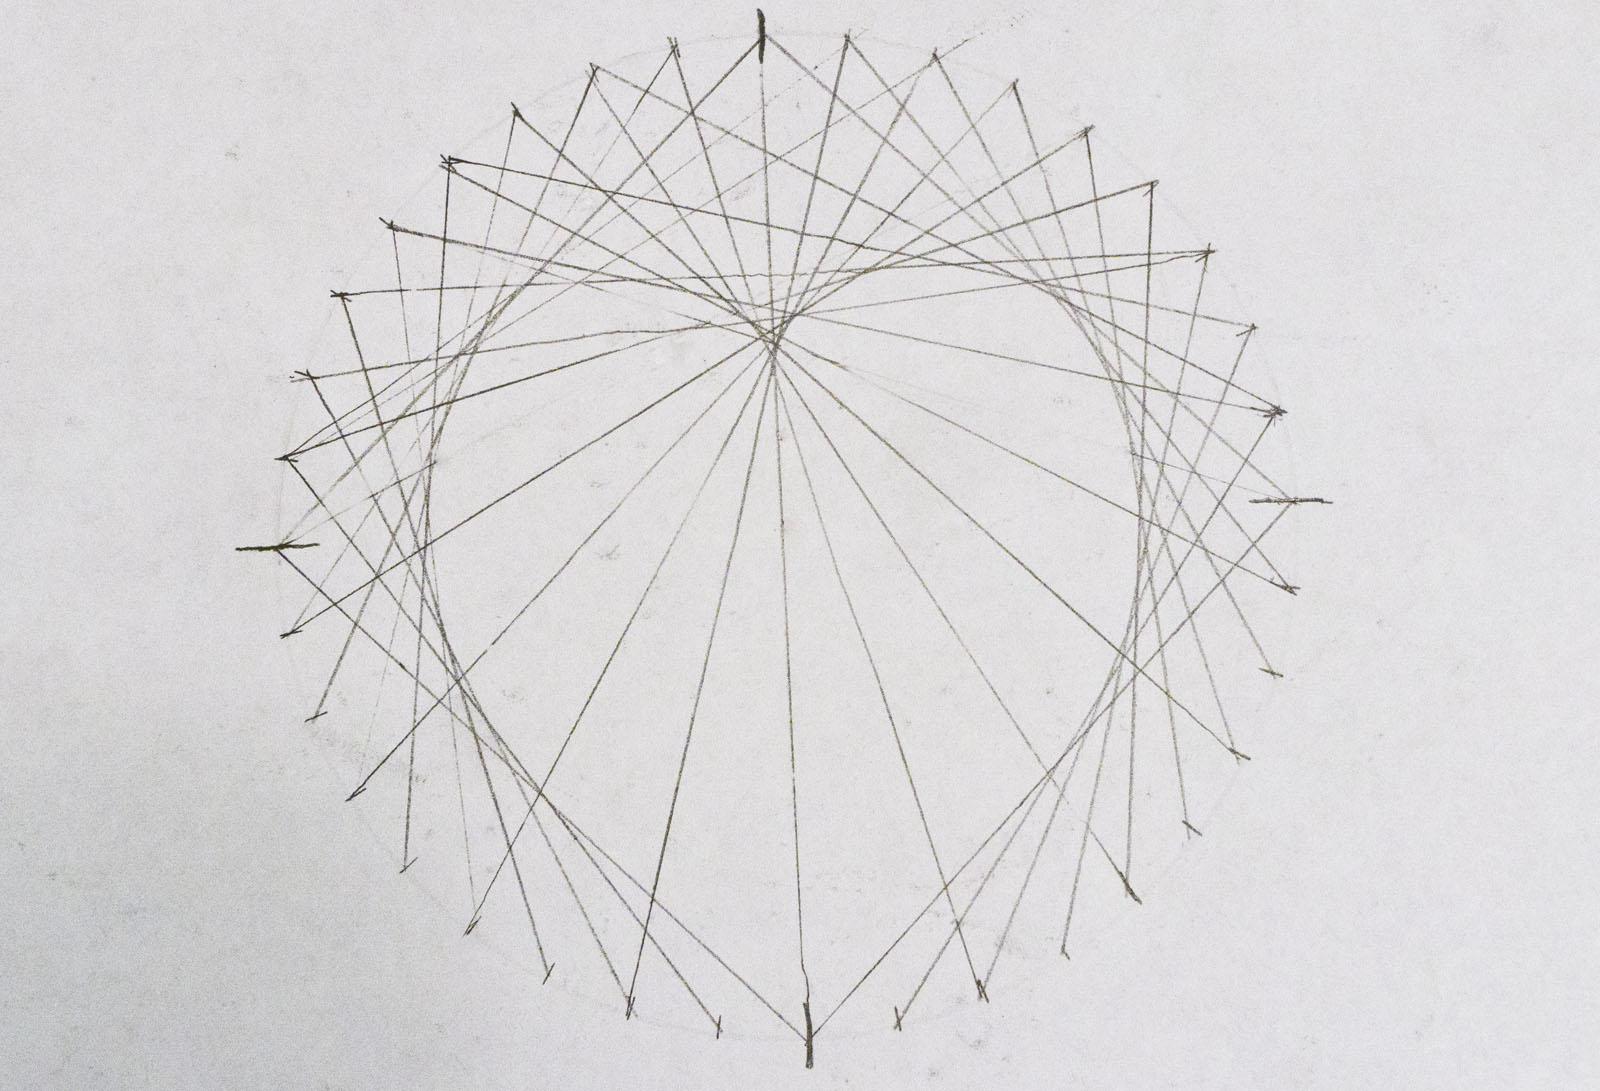 Como Dibujar Un Corazón En 3d Con Lineas: Lo Más Divertido E Interesante De La Red